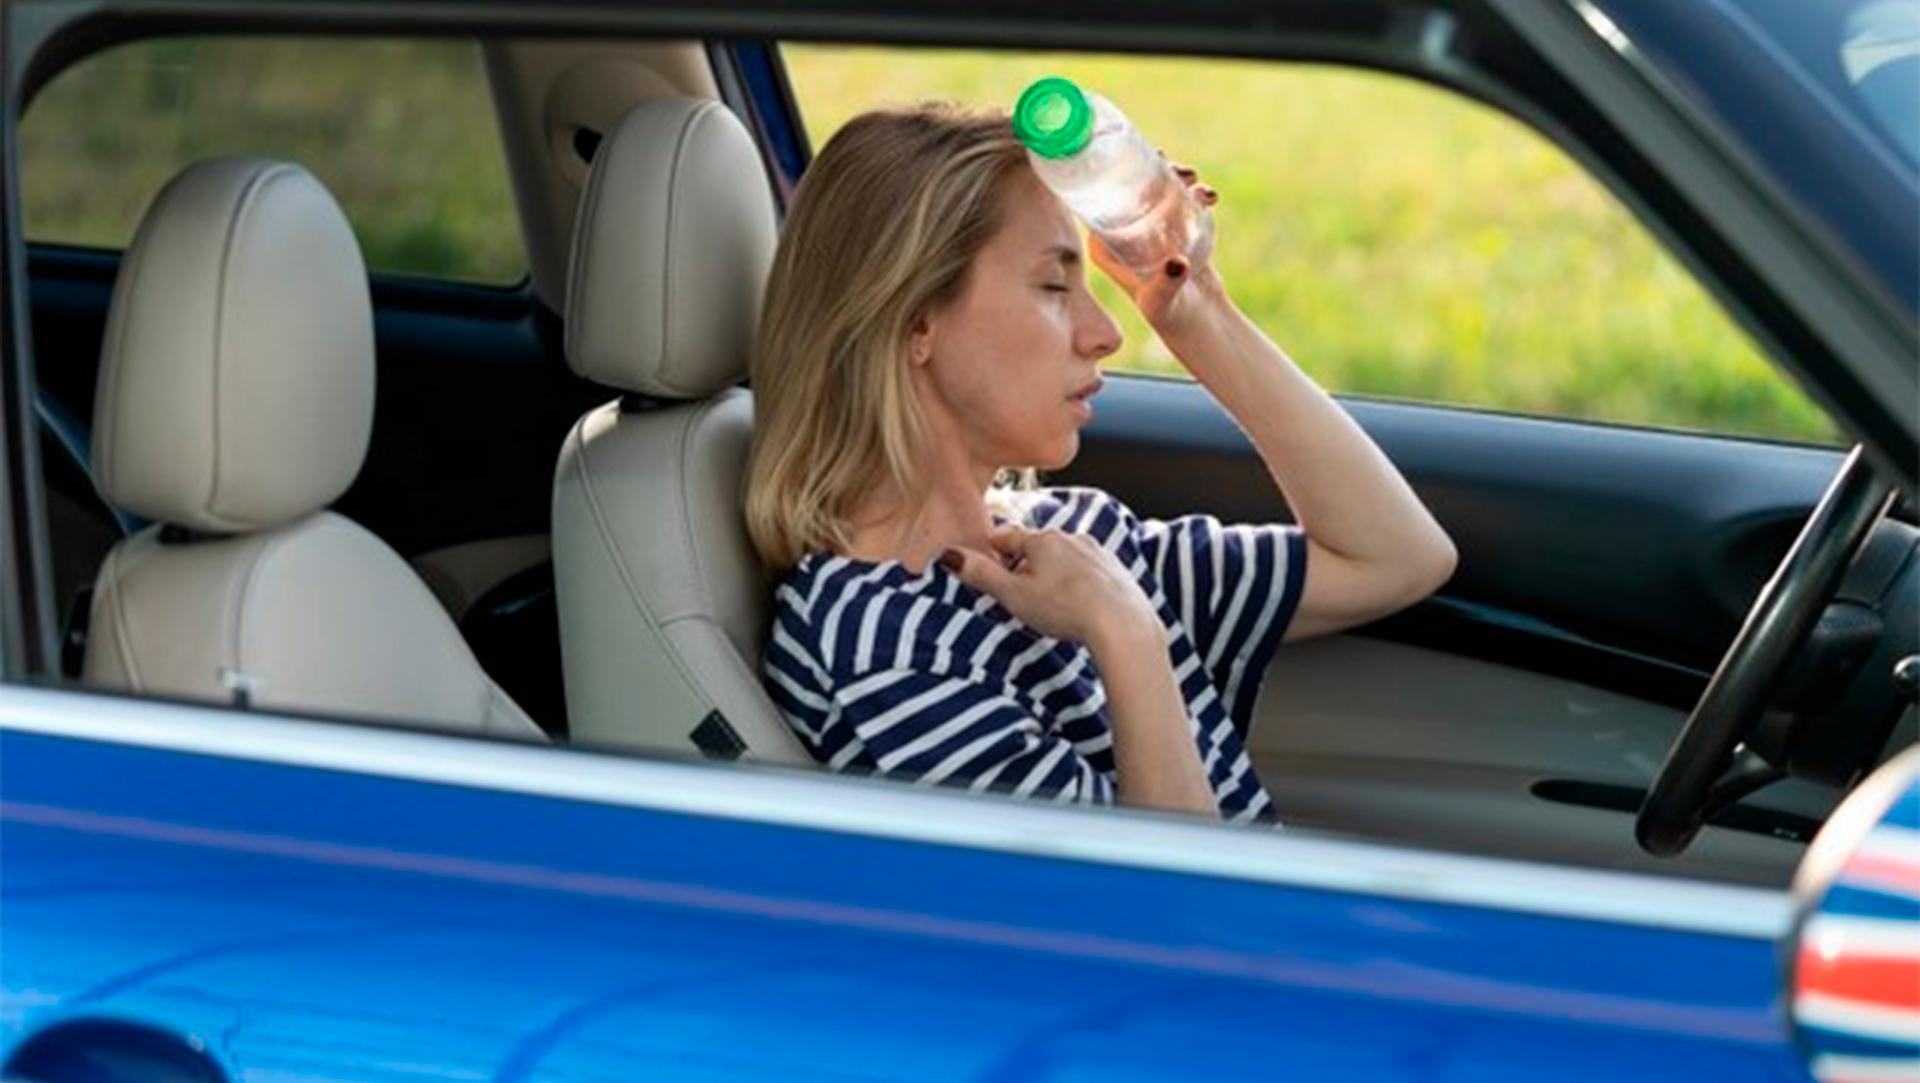 Estos diez trucos te ayudarán a evitar sufrir la ola de calor en el coche